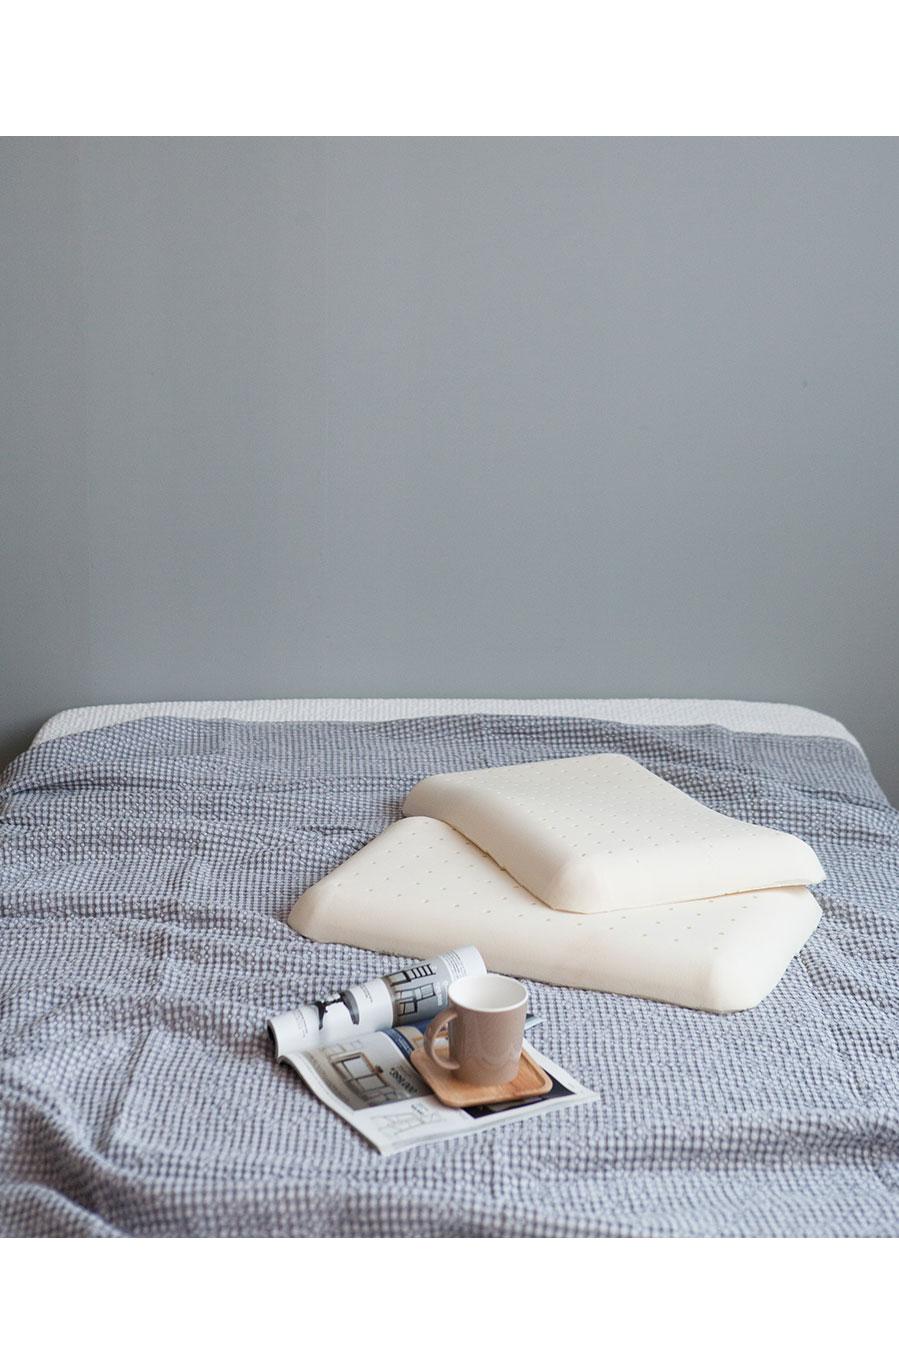 아카시아 프리미엄 라텍스 베개 - 일반형(낮은형) - 아카시아, 17,900원, 베개, 기능성 베개